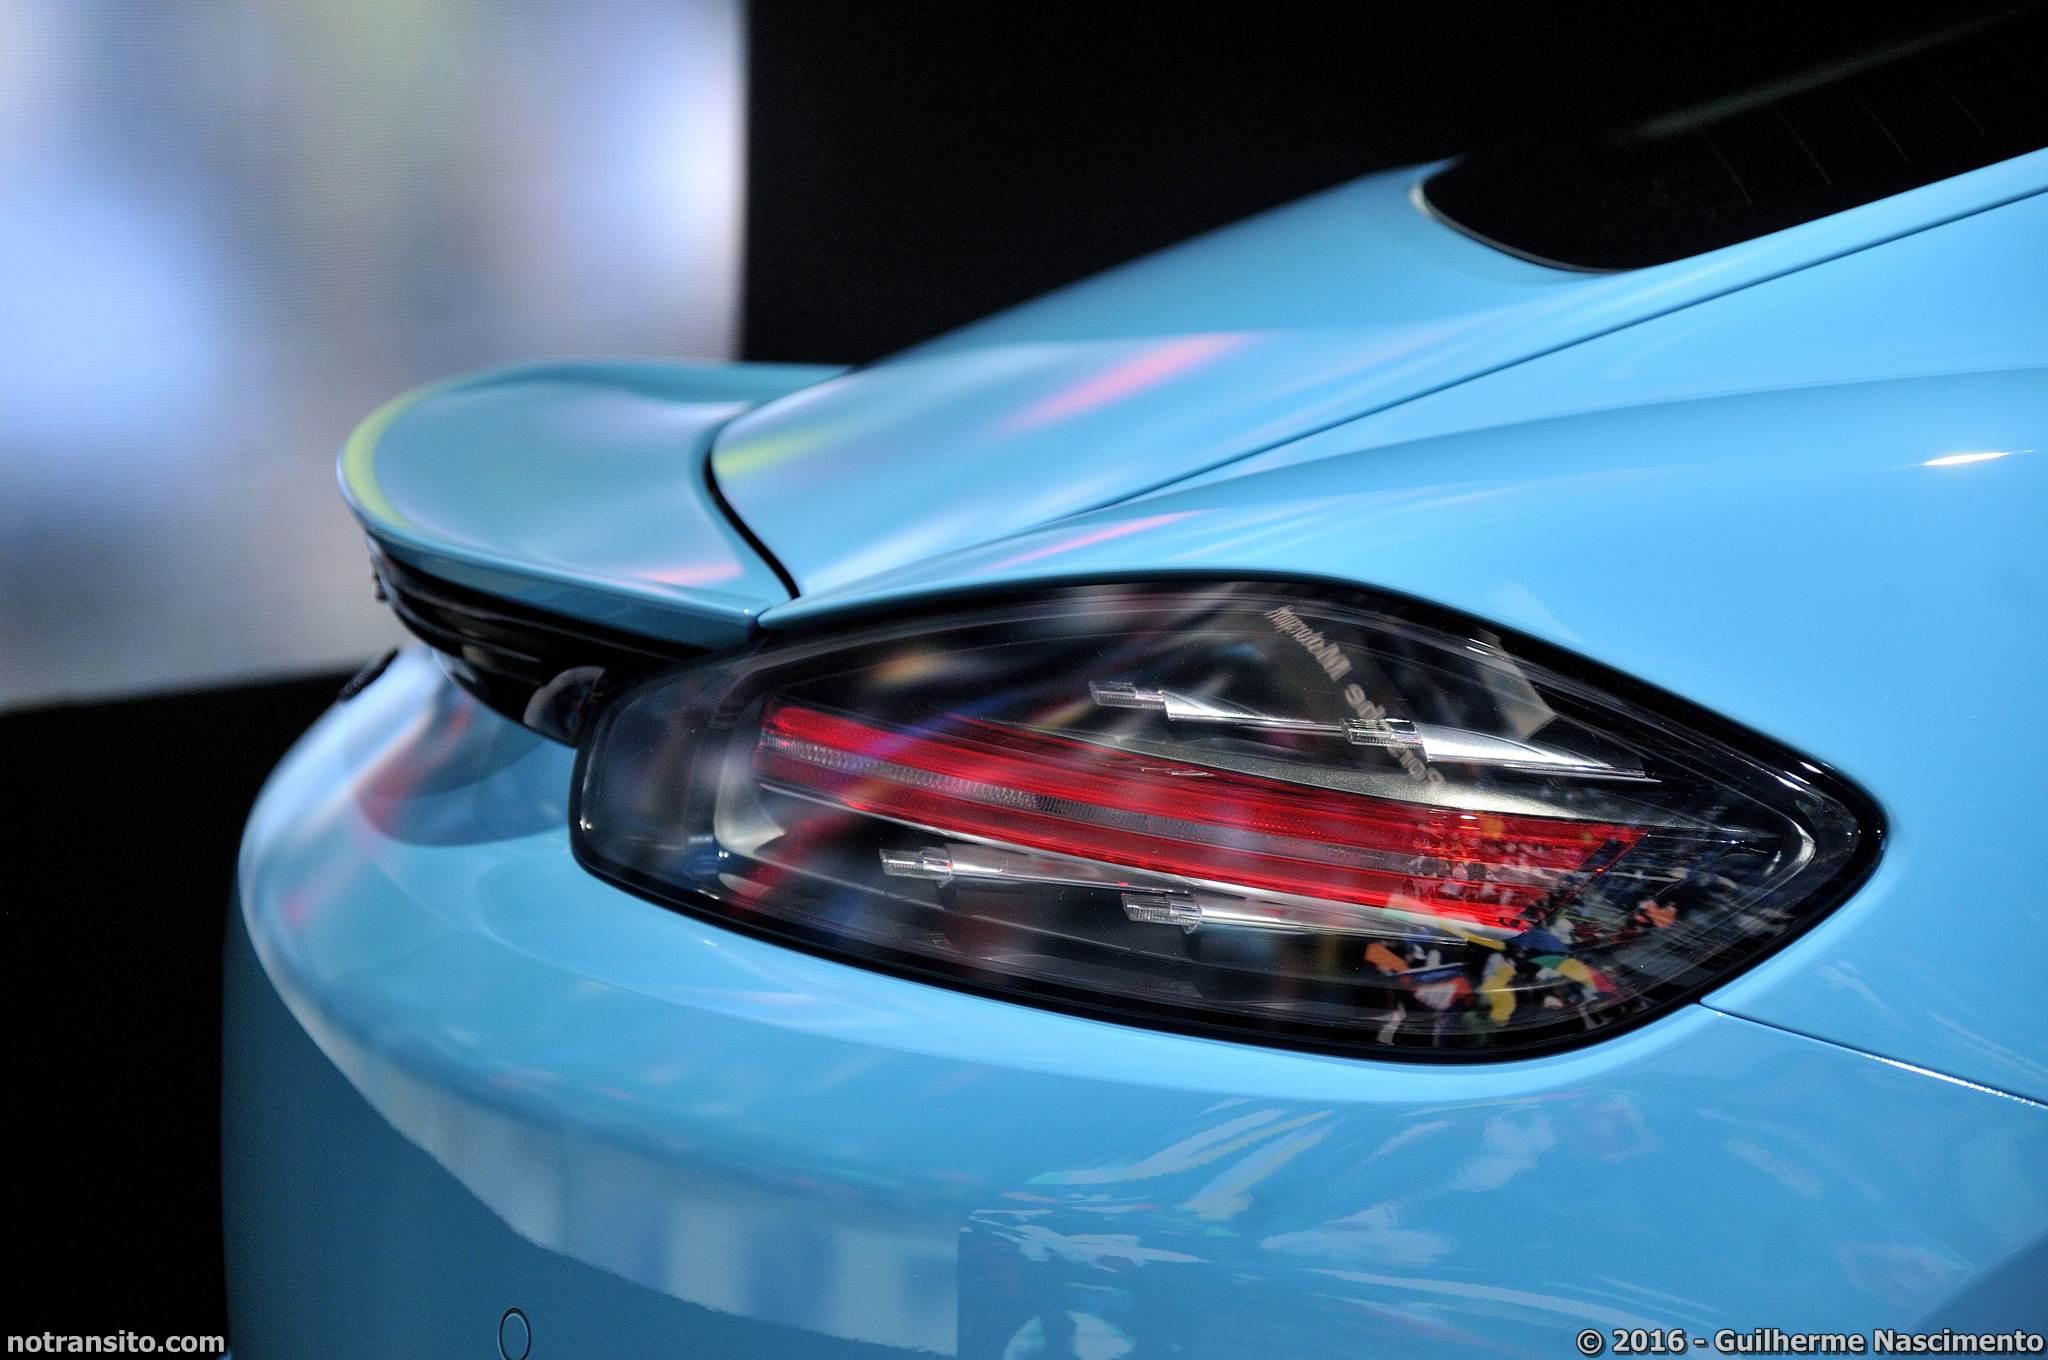 Porsche 718 Cayman S Azul Miami, Salão do Automóvel 2016, 29º Salão do Automóvel de São Paulo